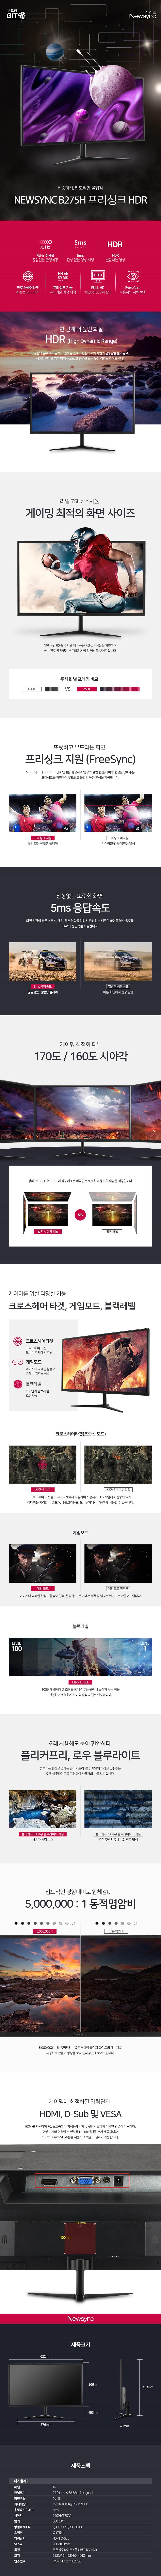 비트엠 Newsync B275H 프리싱크 HDR